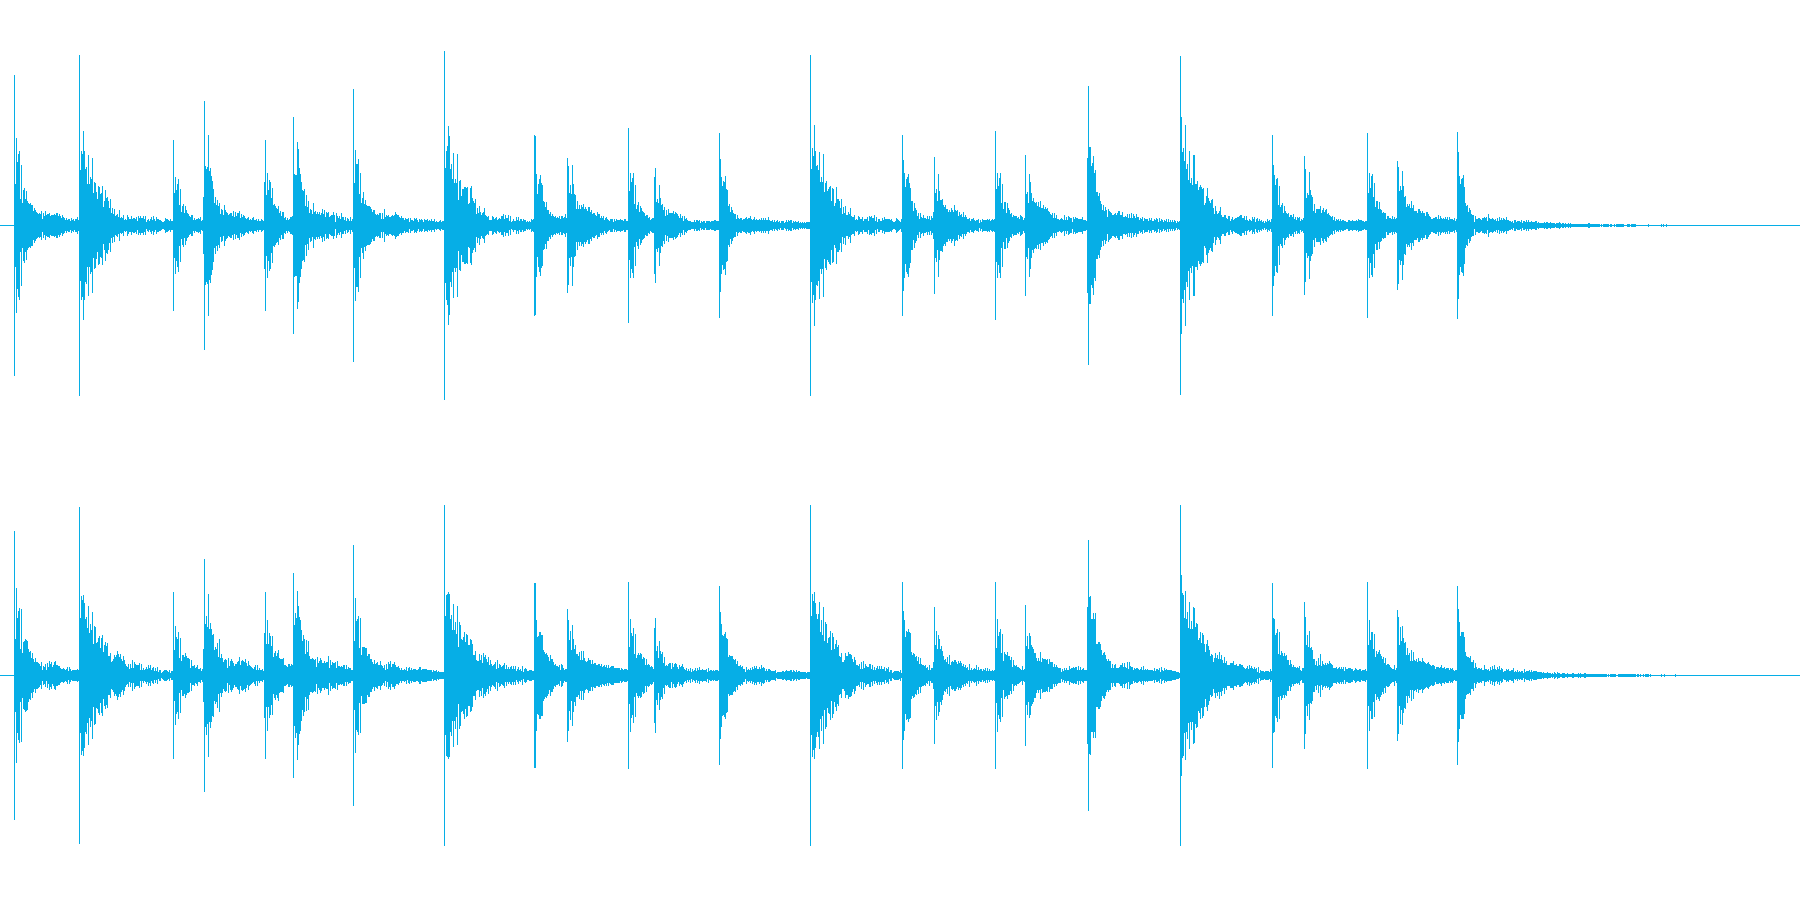 和太鼓の締太鼓のお祭りフレーズ音+FXの再生済みの波形